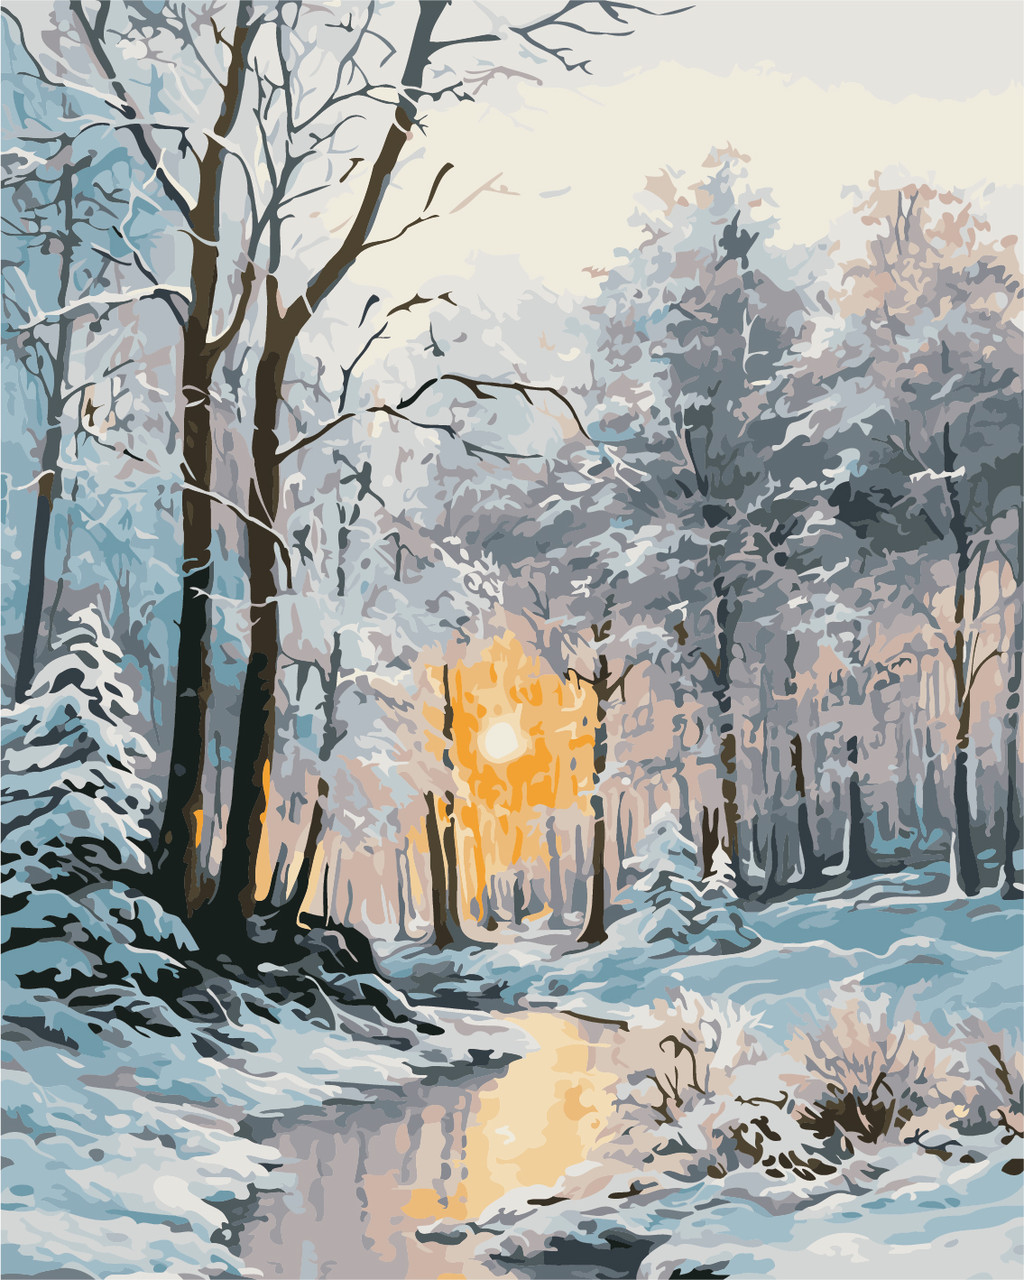 Картина по номерам Зимний лес 40 х 50 см (AS0377)